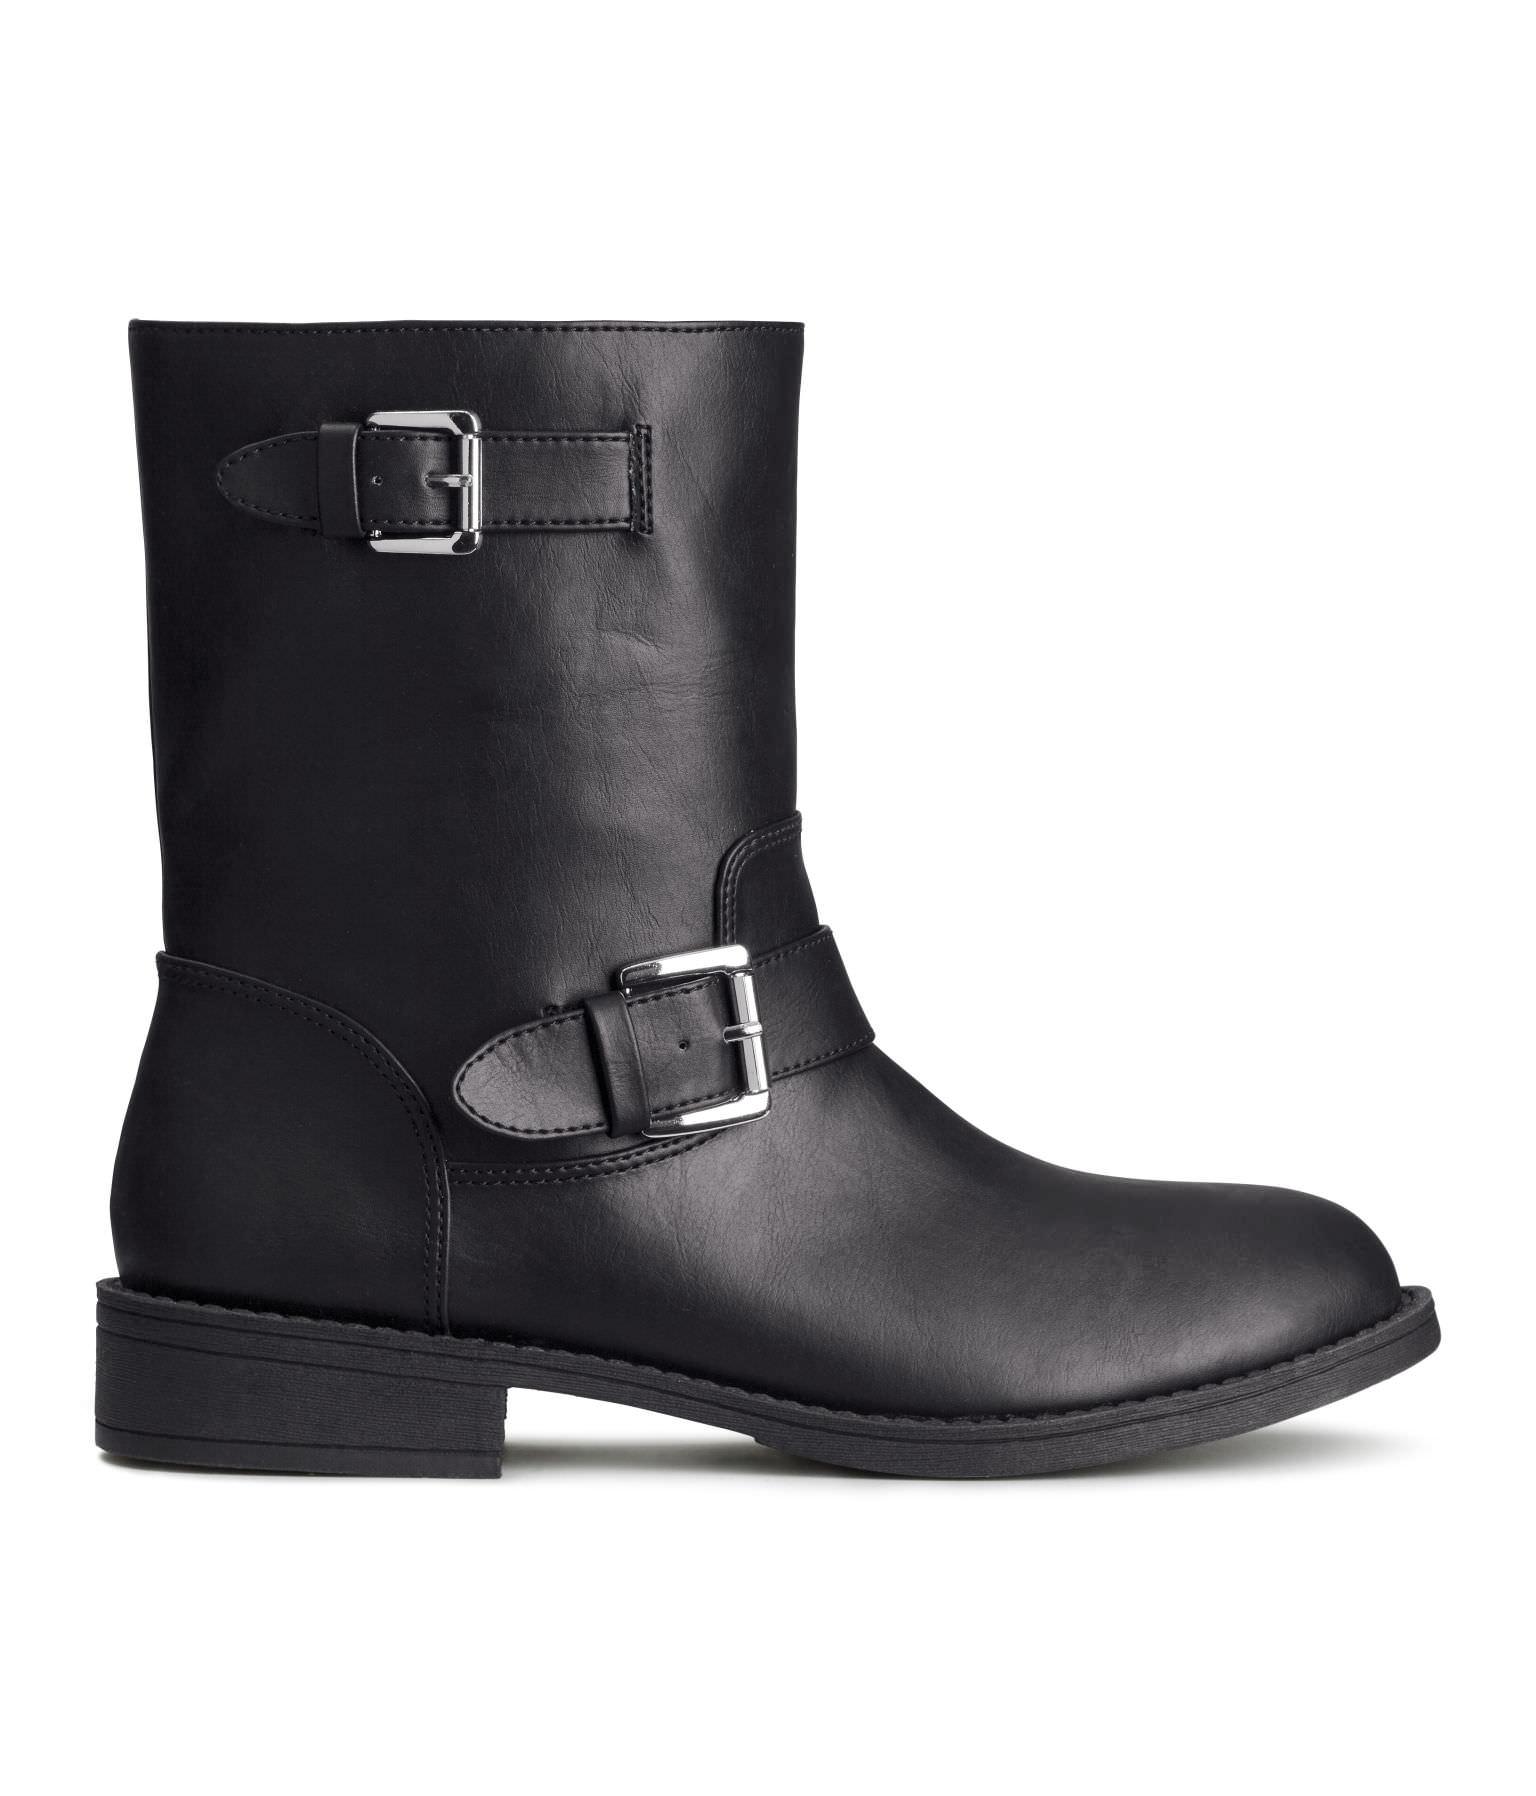 Biker boots - £15.00 H&M